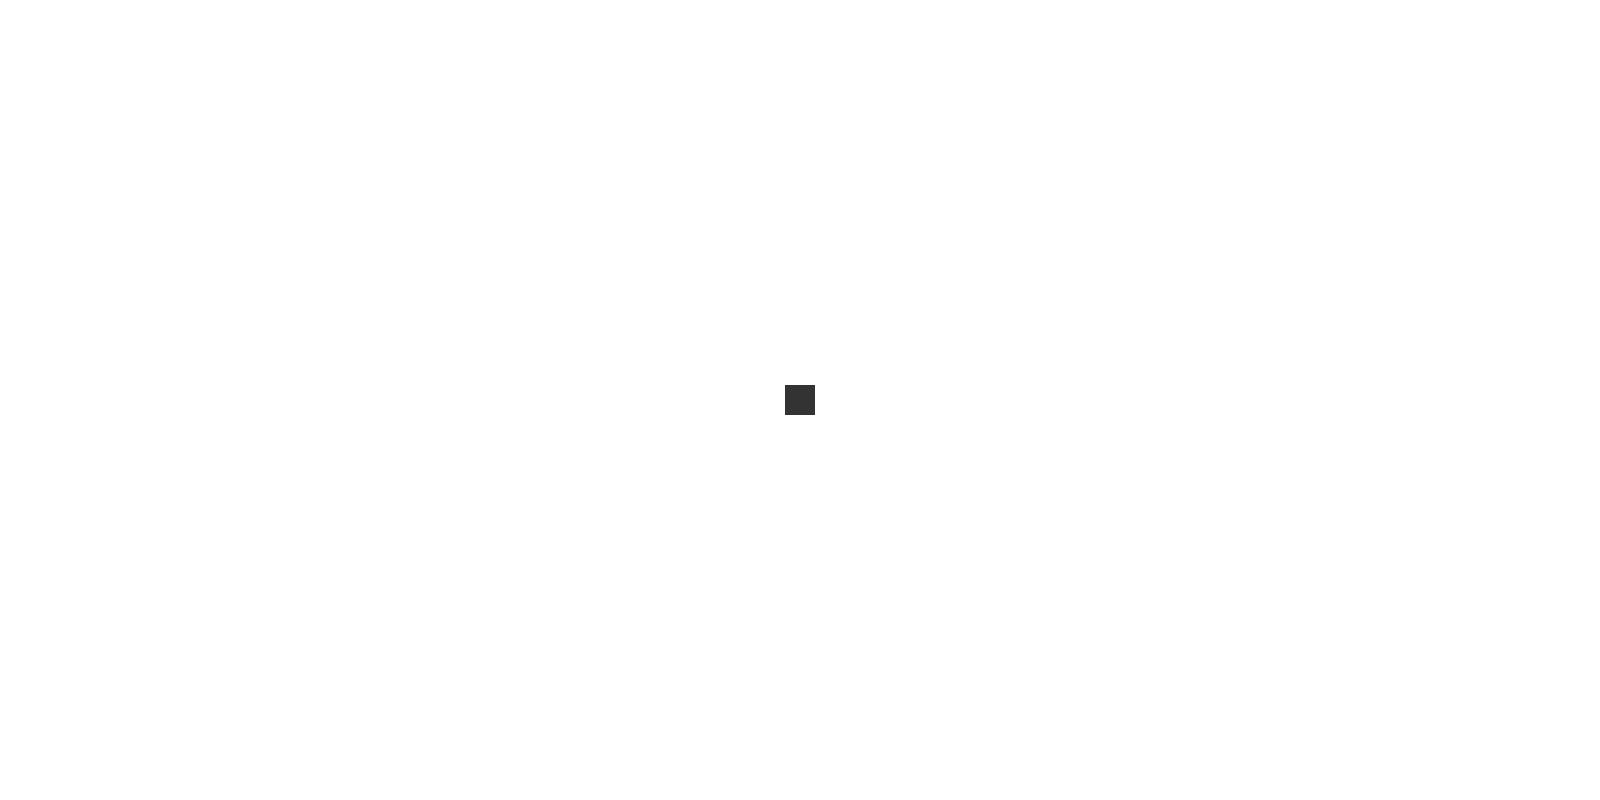 amumuadblock